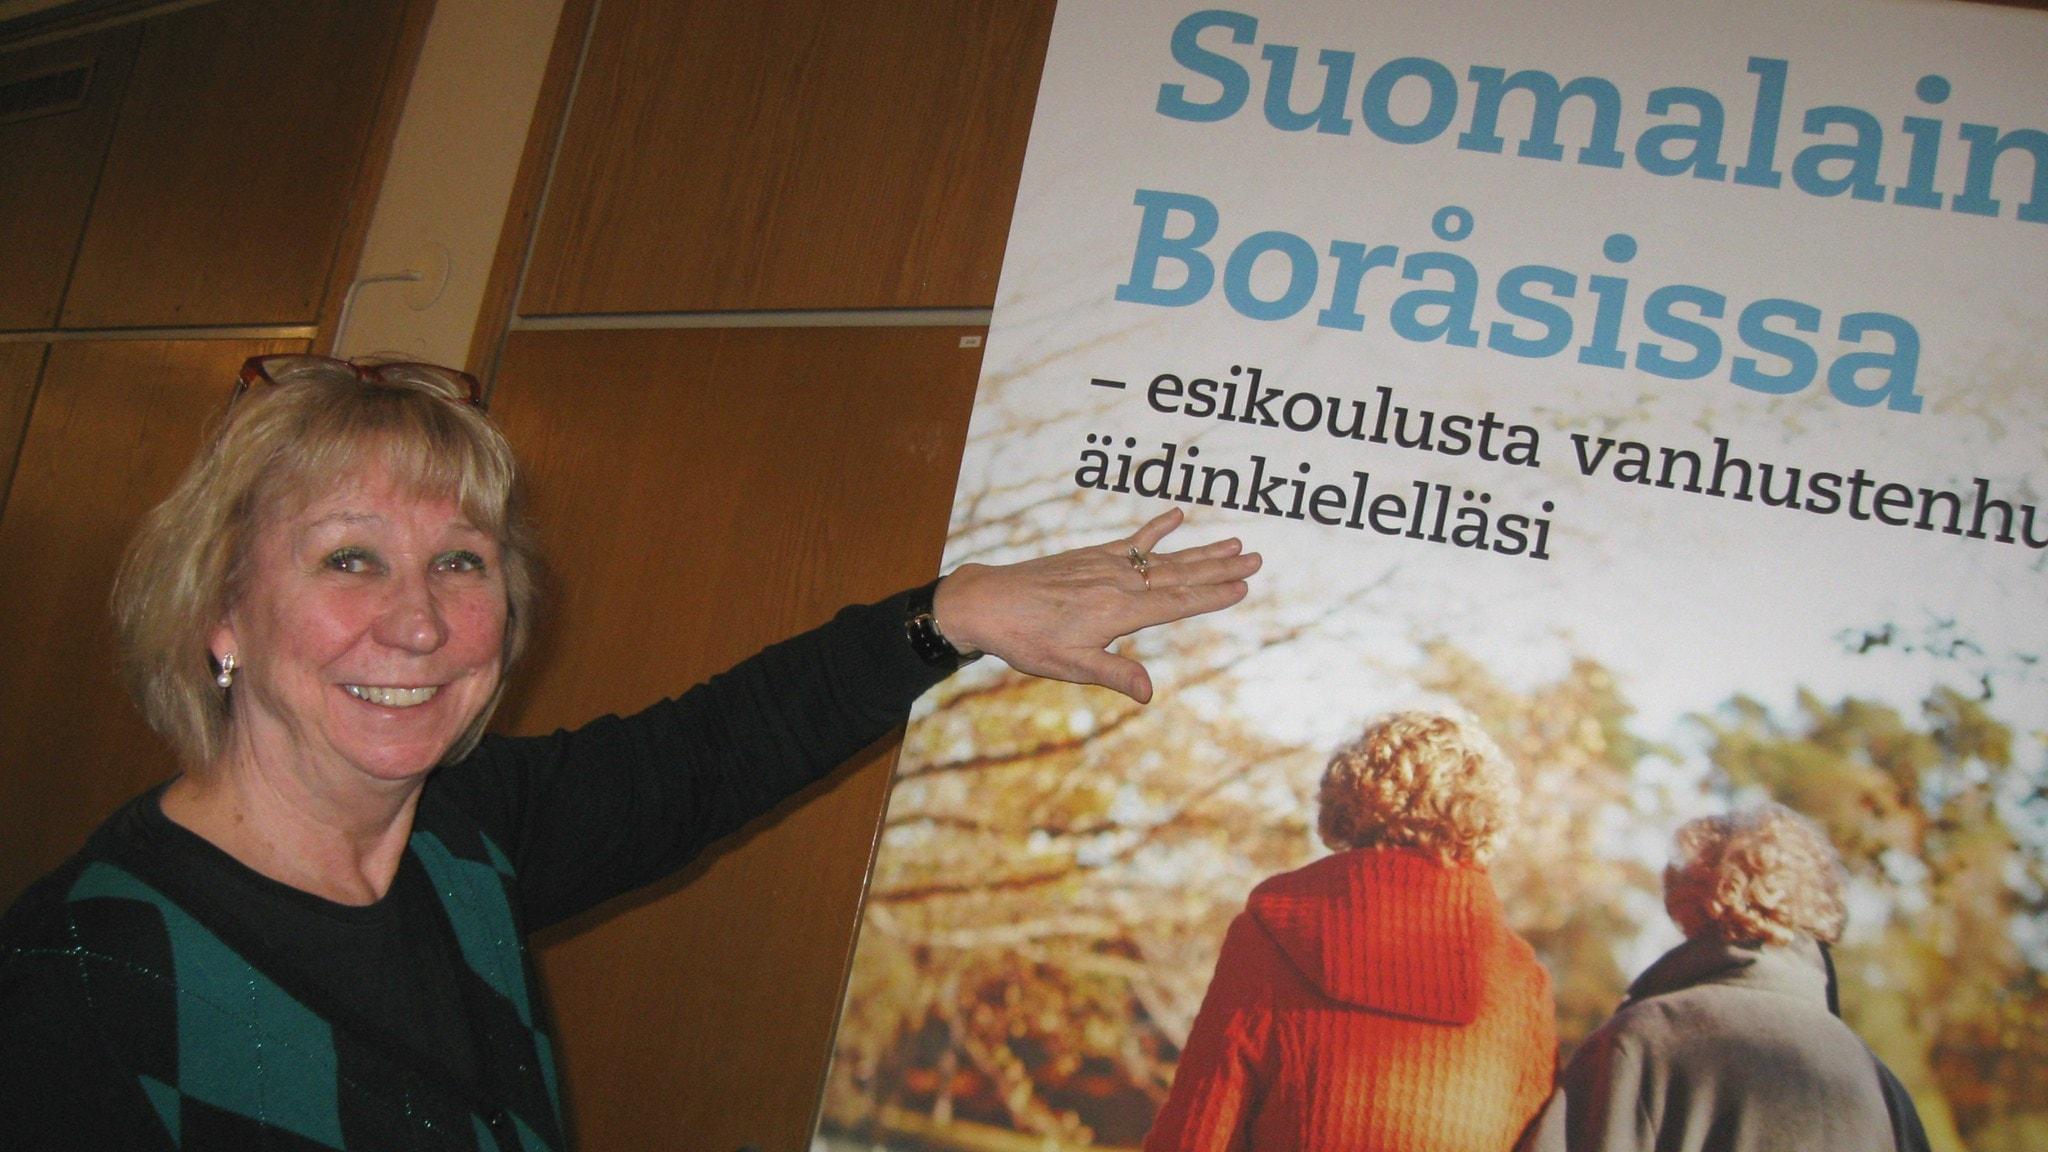 Boråsin kunnan suomen kielen hallintoalueen toiminnan koordinoija Paula Wendell